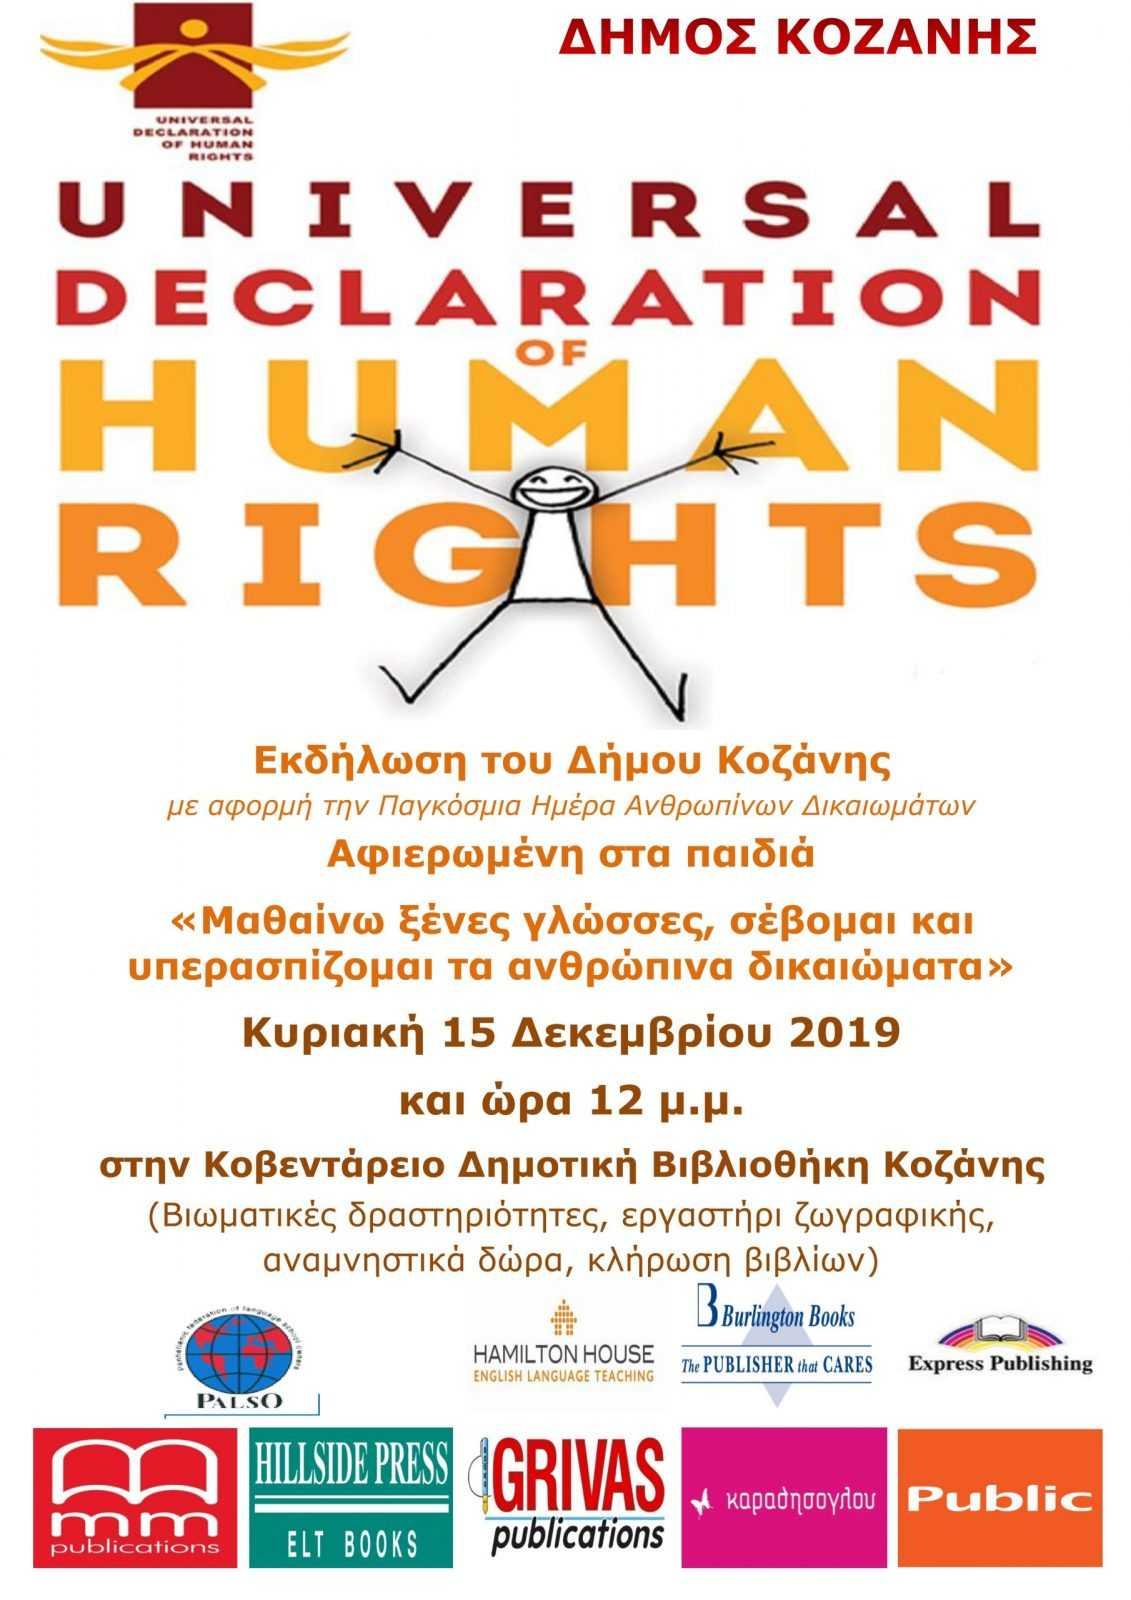 Εκδήλωση «Μαθαίνω ξένες γλώσσες, σέβομαι και υπερασπίζομαι τα ανθρώπινα δικαιώματα», την Κυριακή 15 Δεκεμβρίου, στις 12:00, στη Δημοτική Βιβλιοθήκη